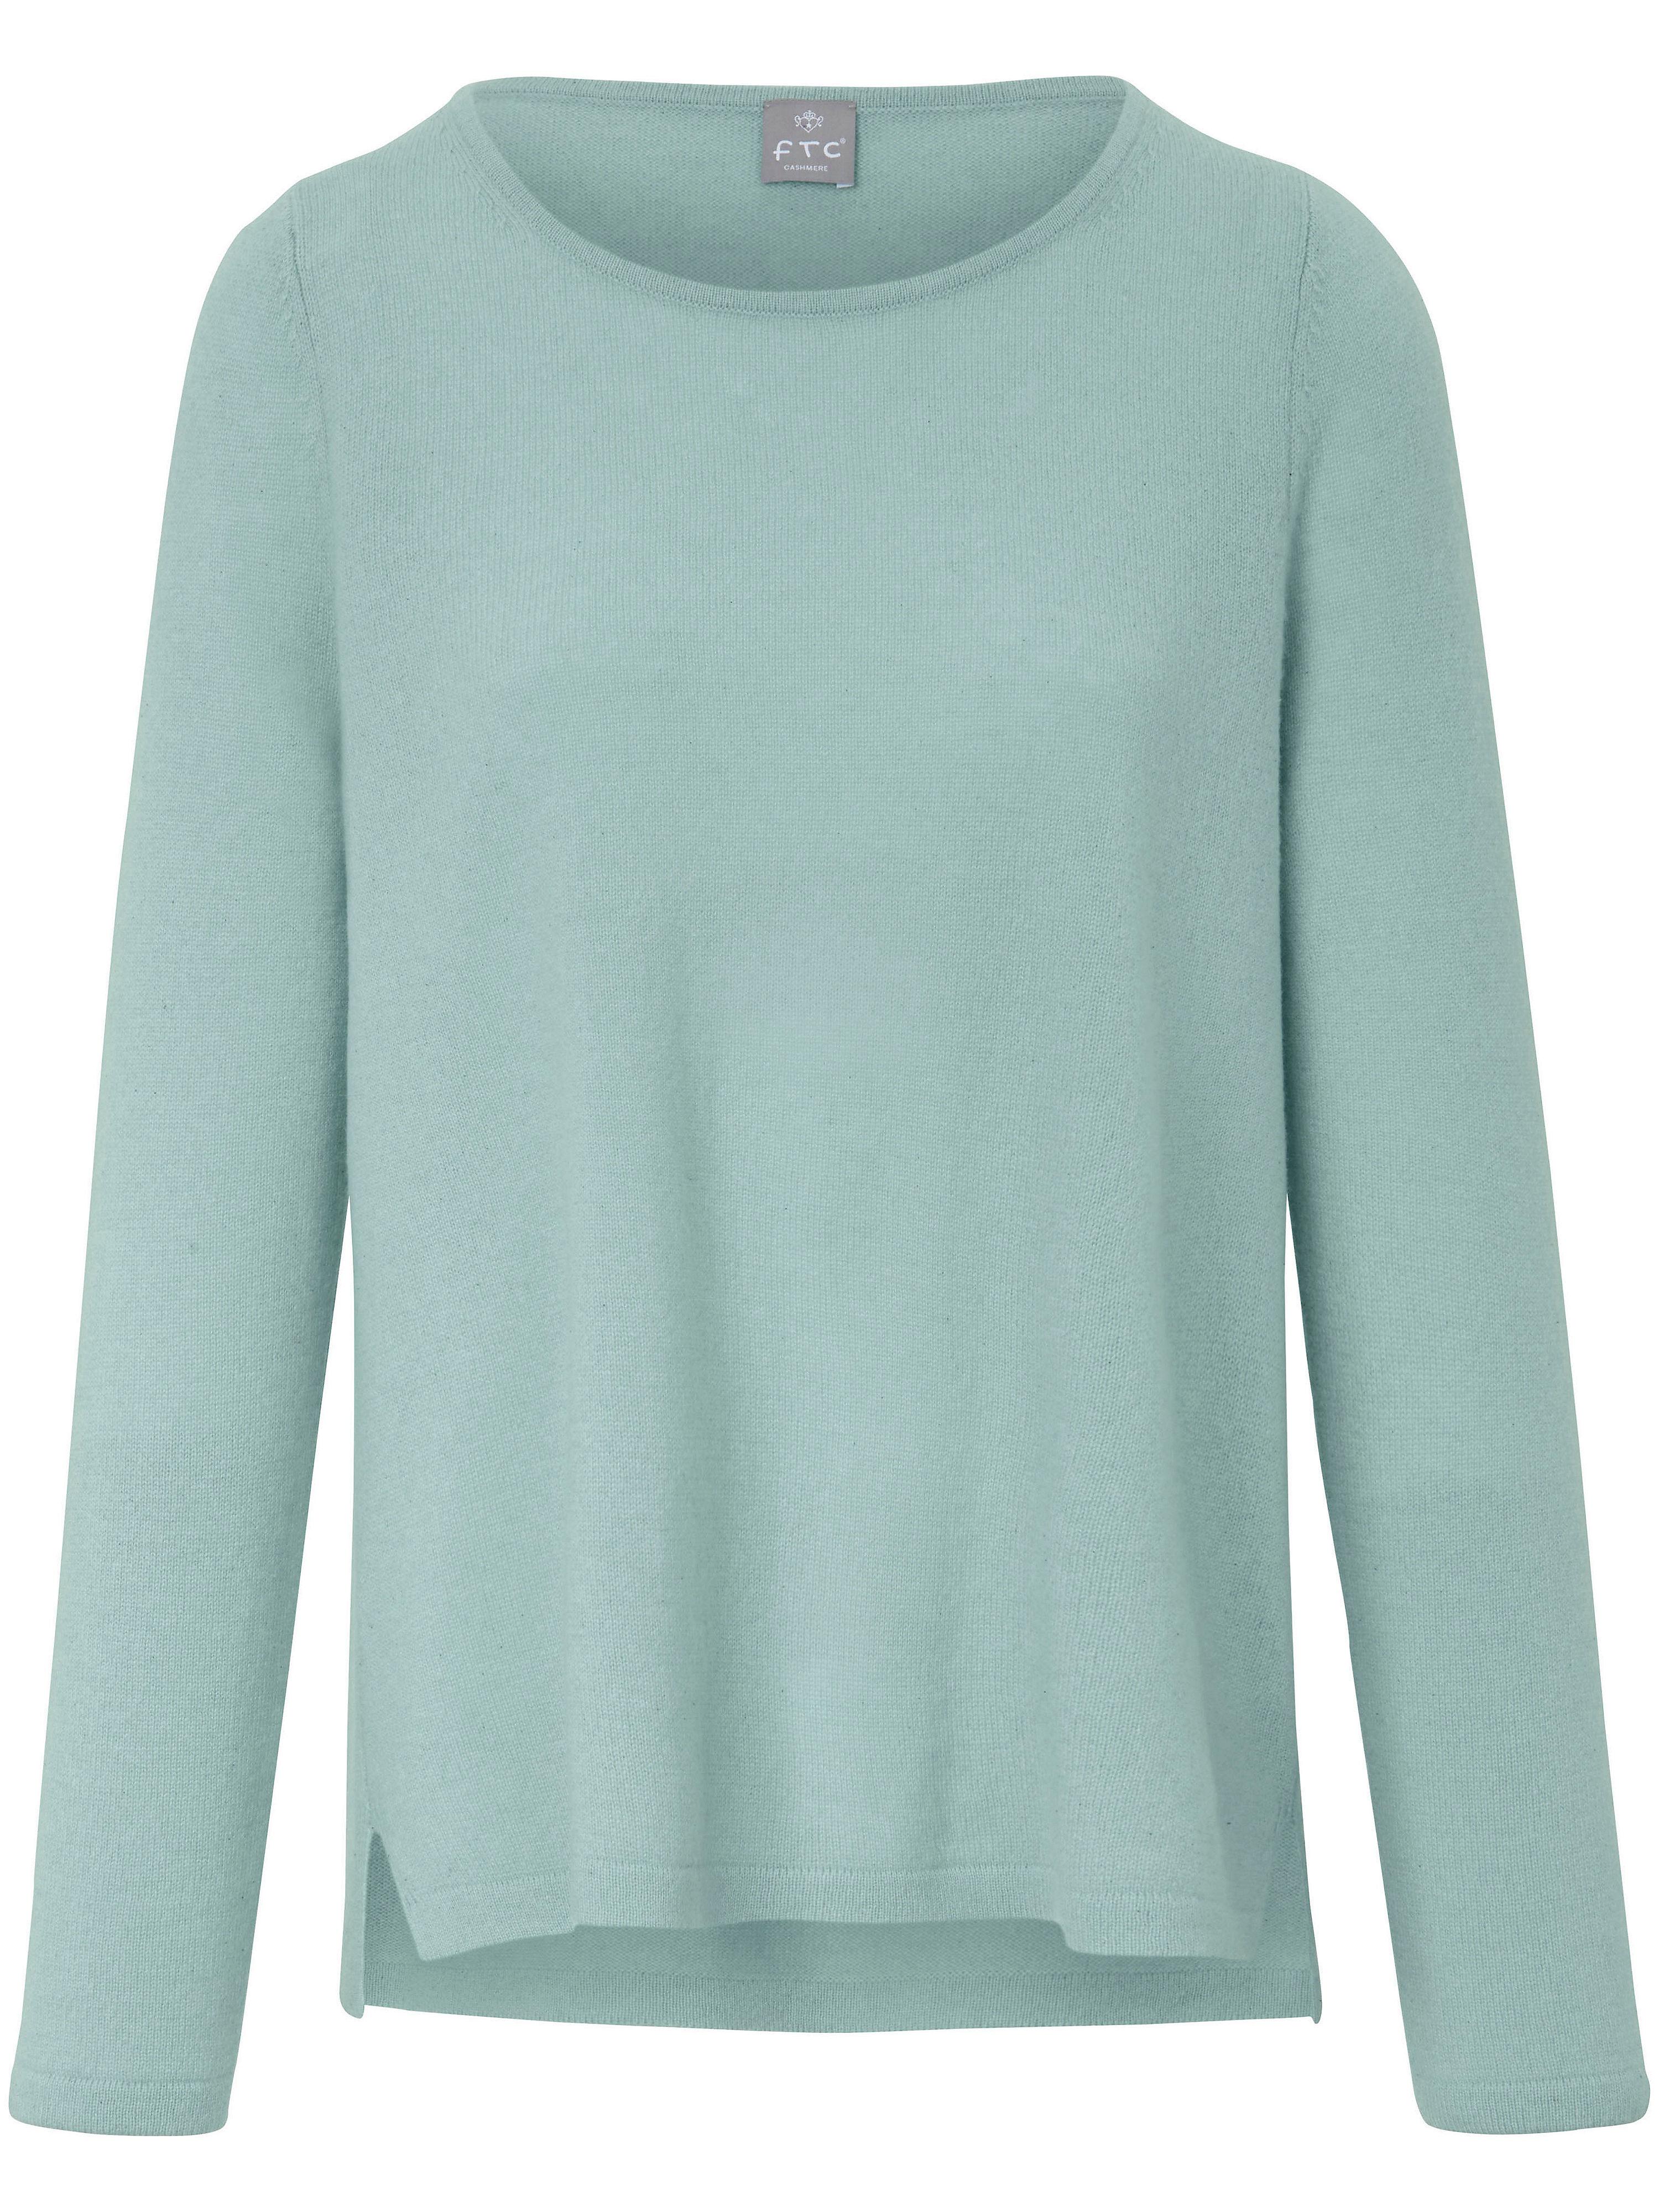 FTC Cashmere Rundhalsad tröja i 100% kashmir från FTC Cashmere grön